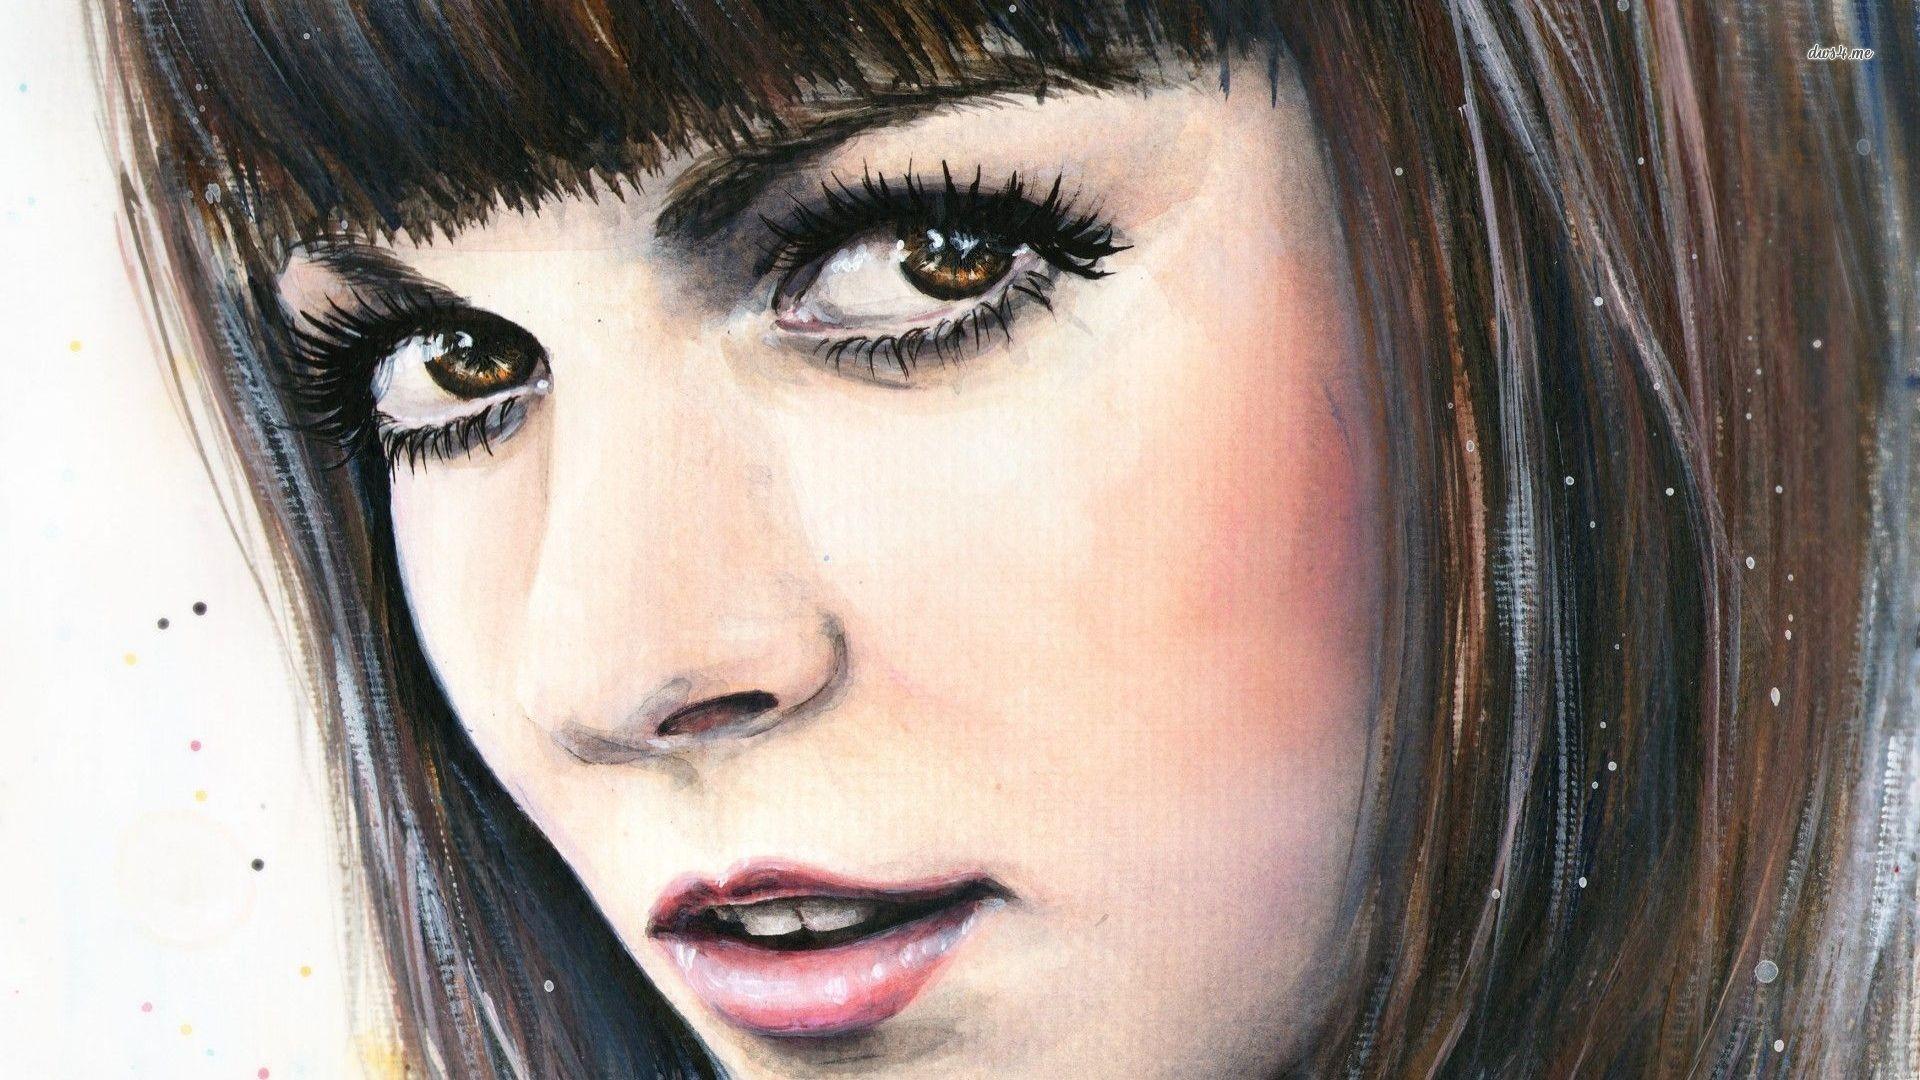 Masaüstü Yüz Boyama Portre Resim Siyah Saç Patlama Burun